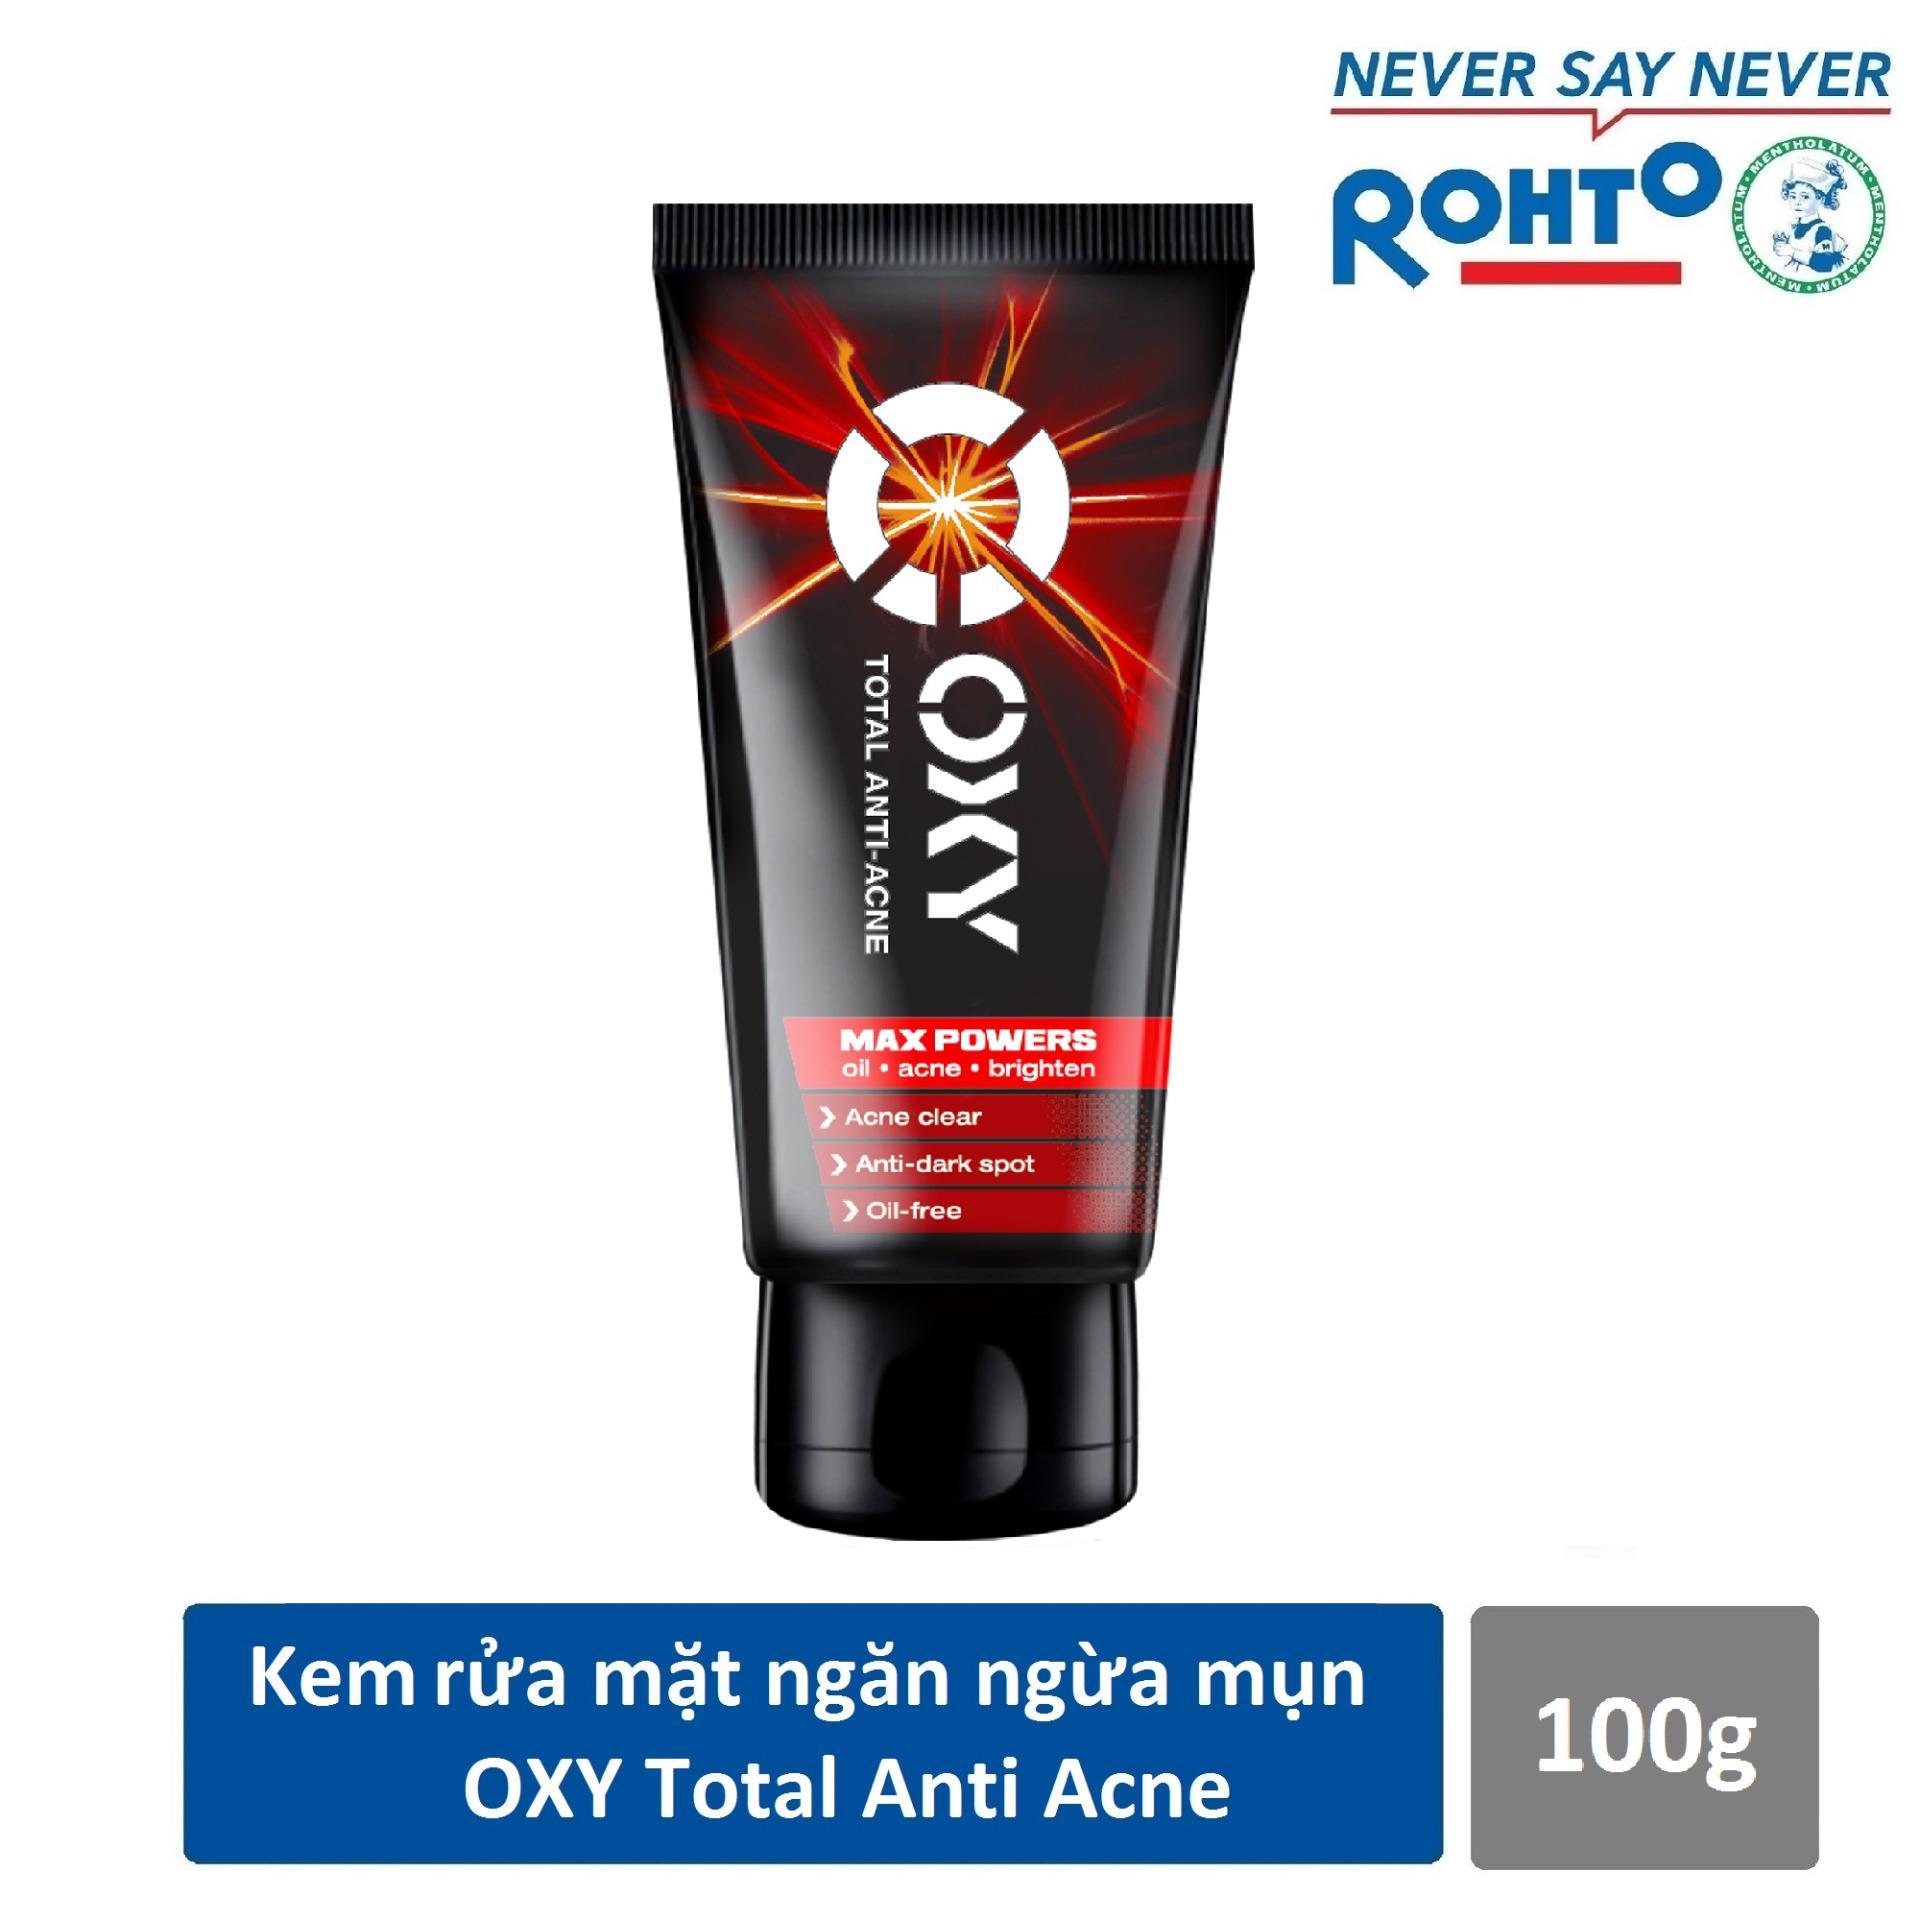 Kem rửa mặt ngăn ngừa mụn cho nam Oxy Total Anti Acne 100g – CƠ HỘI TRÚNG IPHONE X